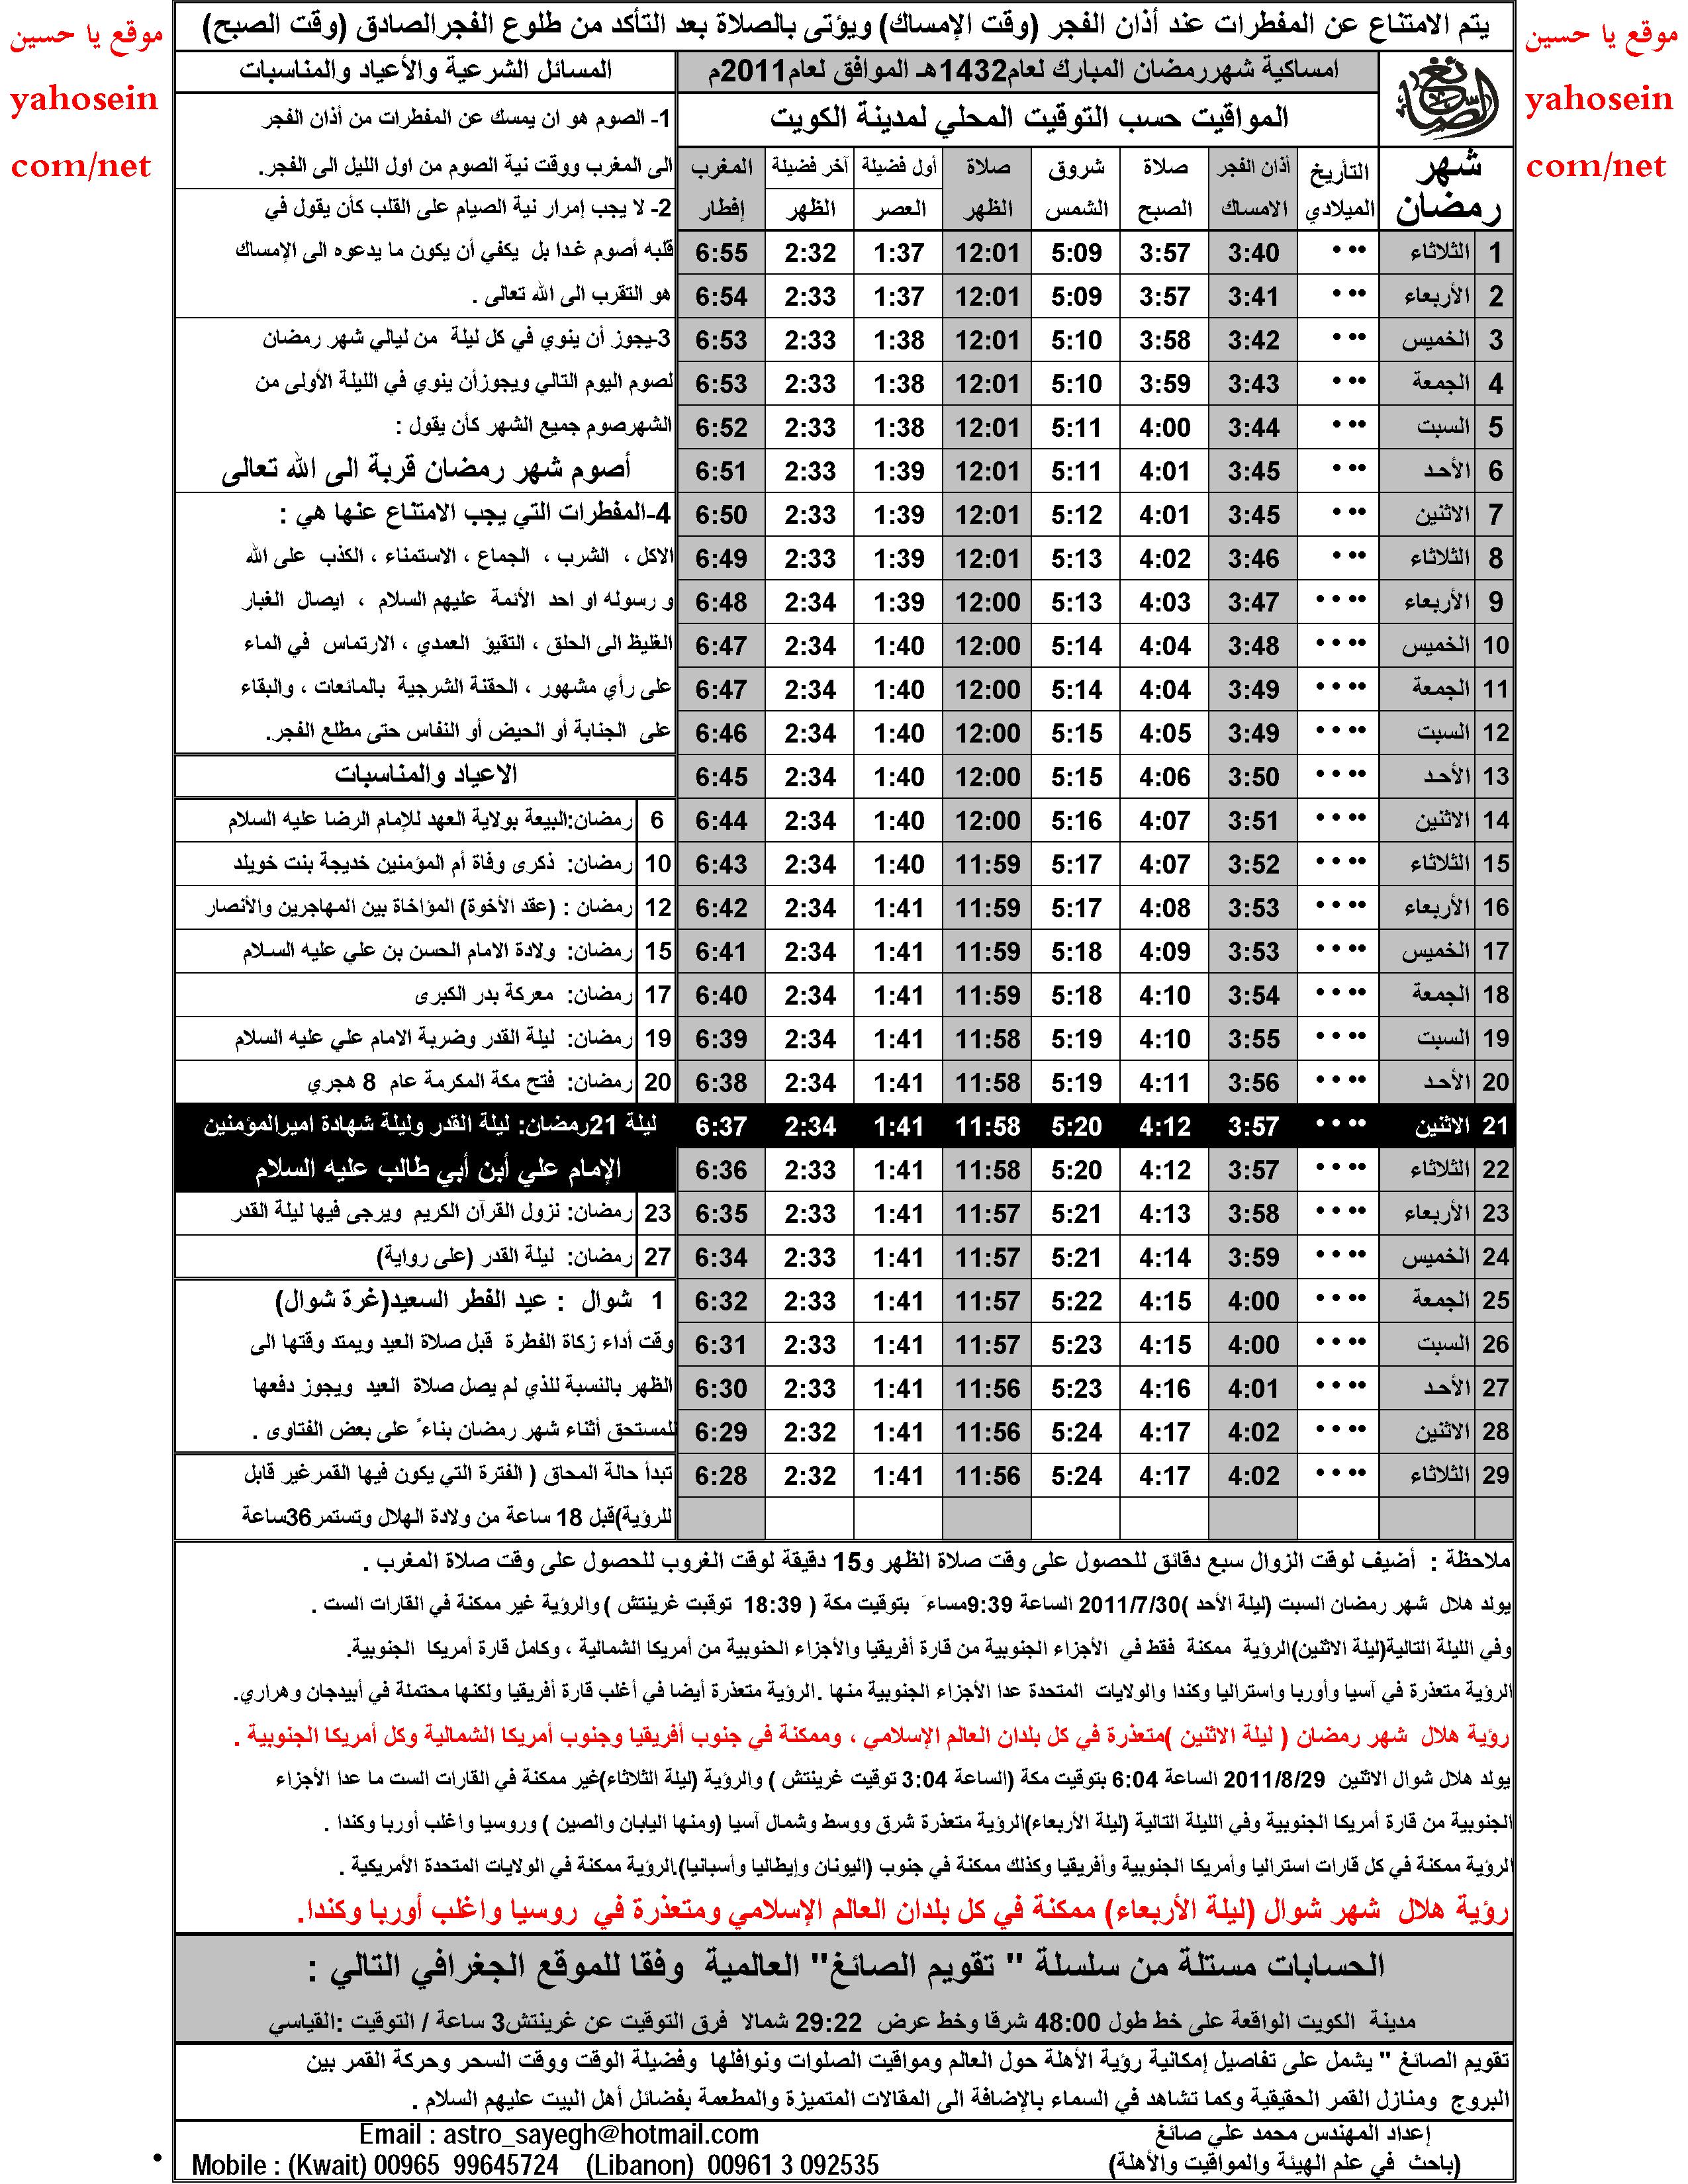 مجموعة صور لل وقت صلاة الفجر في الرياض عند الشيعه